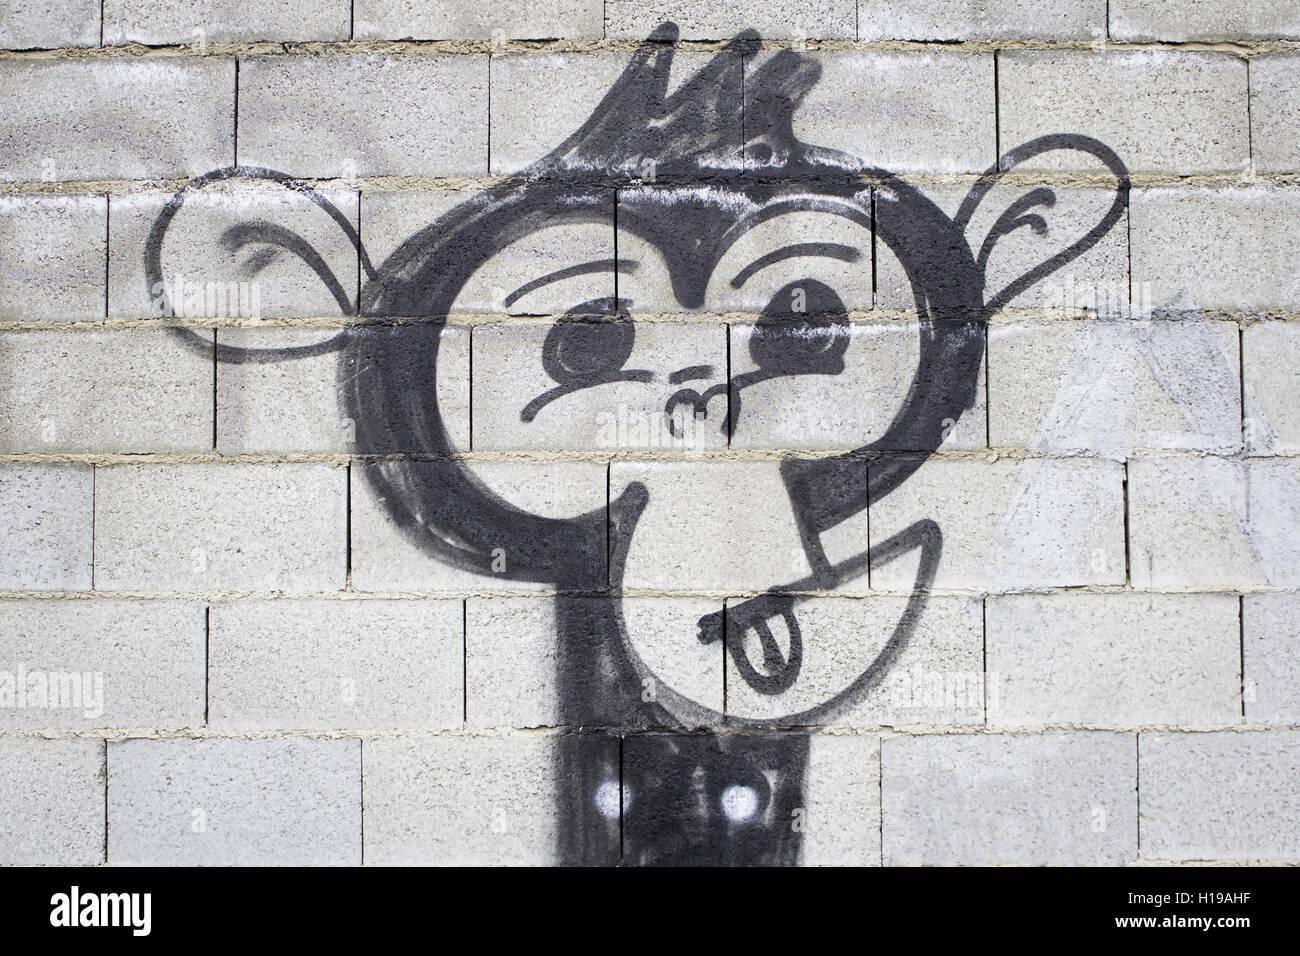 Graffiti Wall Urban Ape Animals